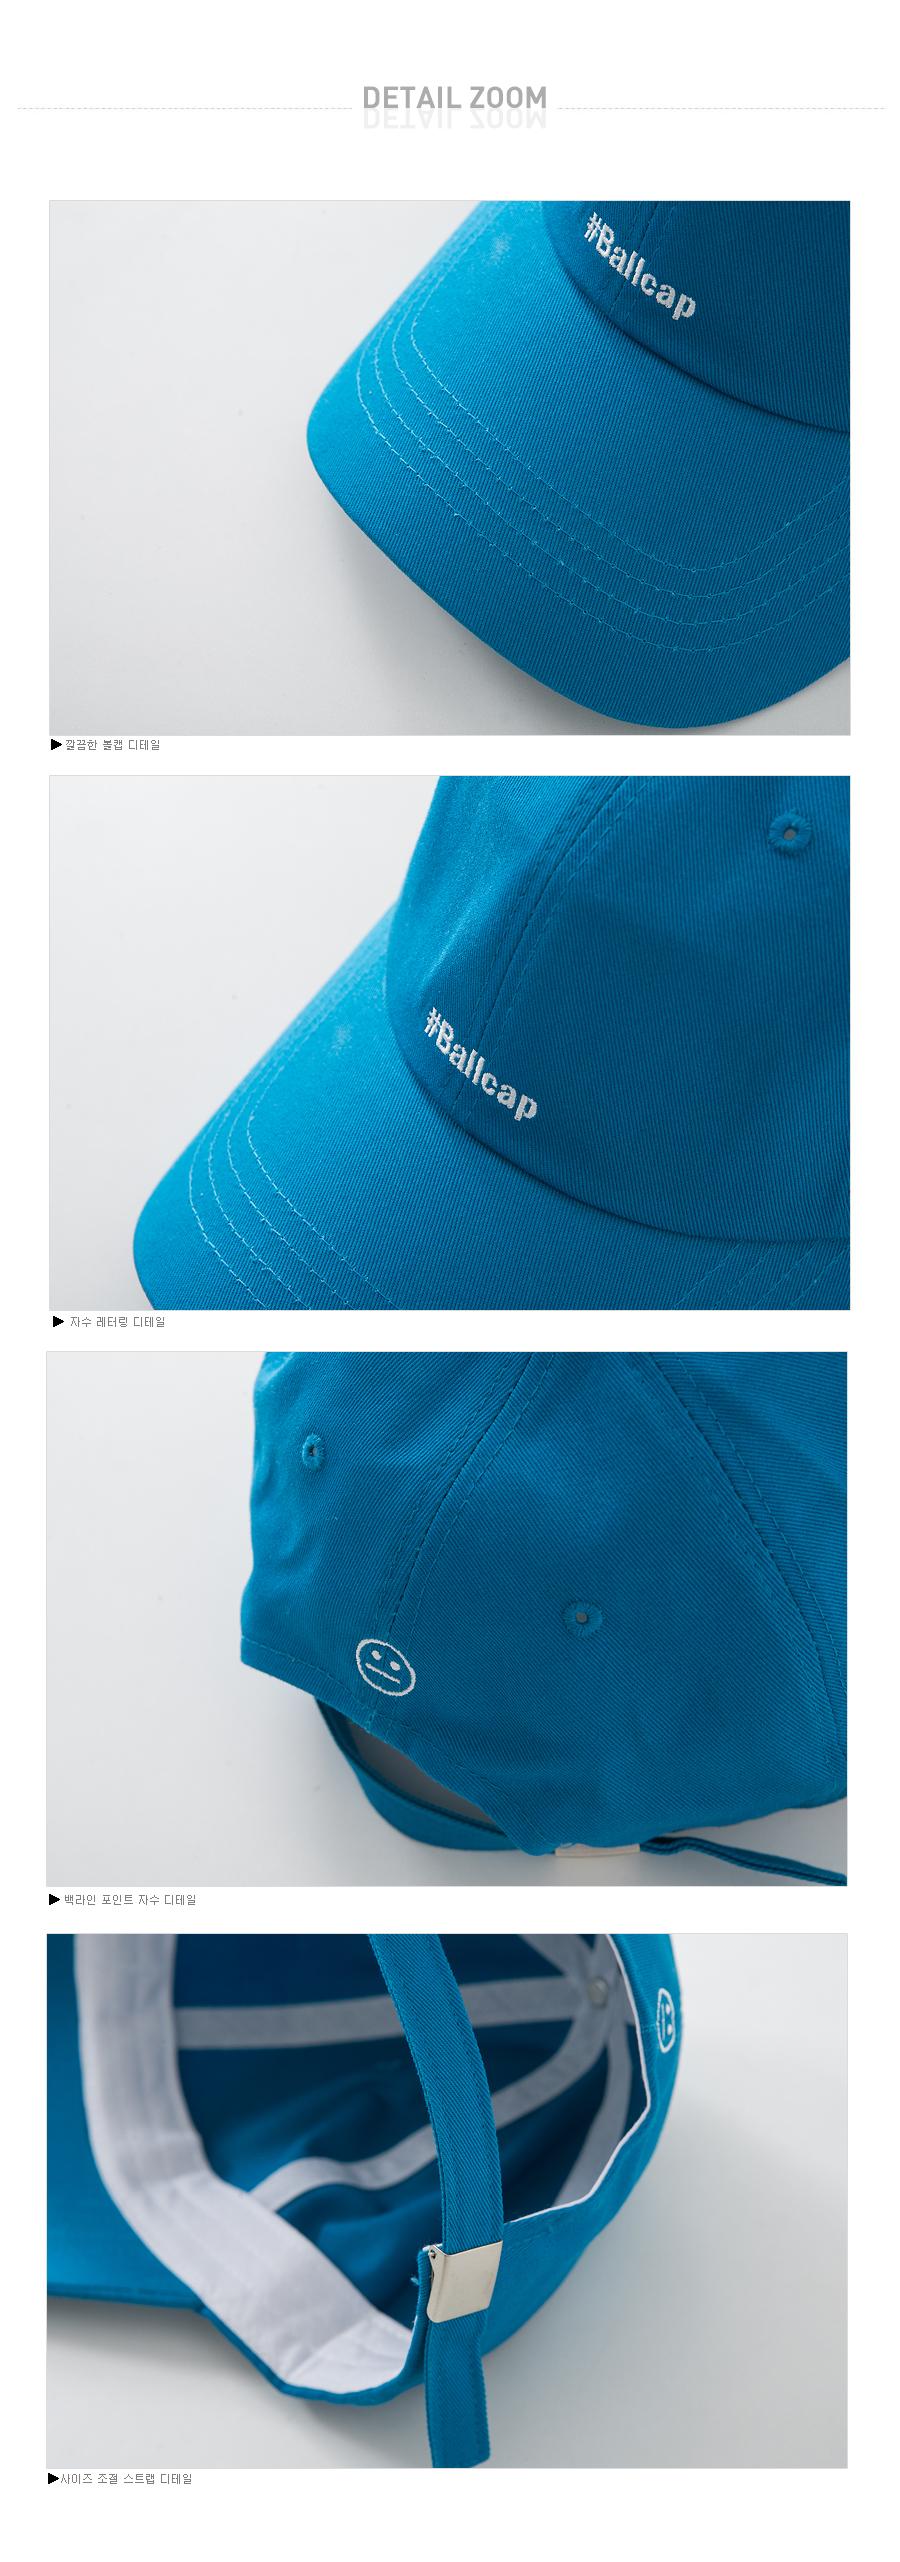 Beloi emoticon ball cap #84632